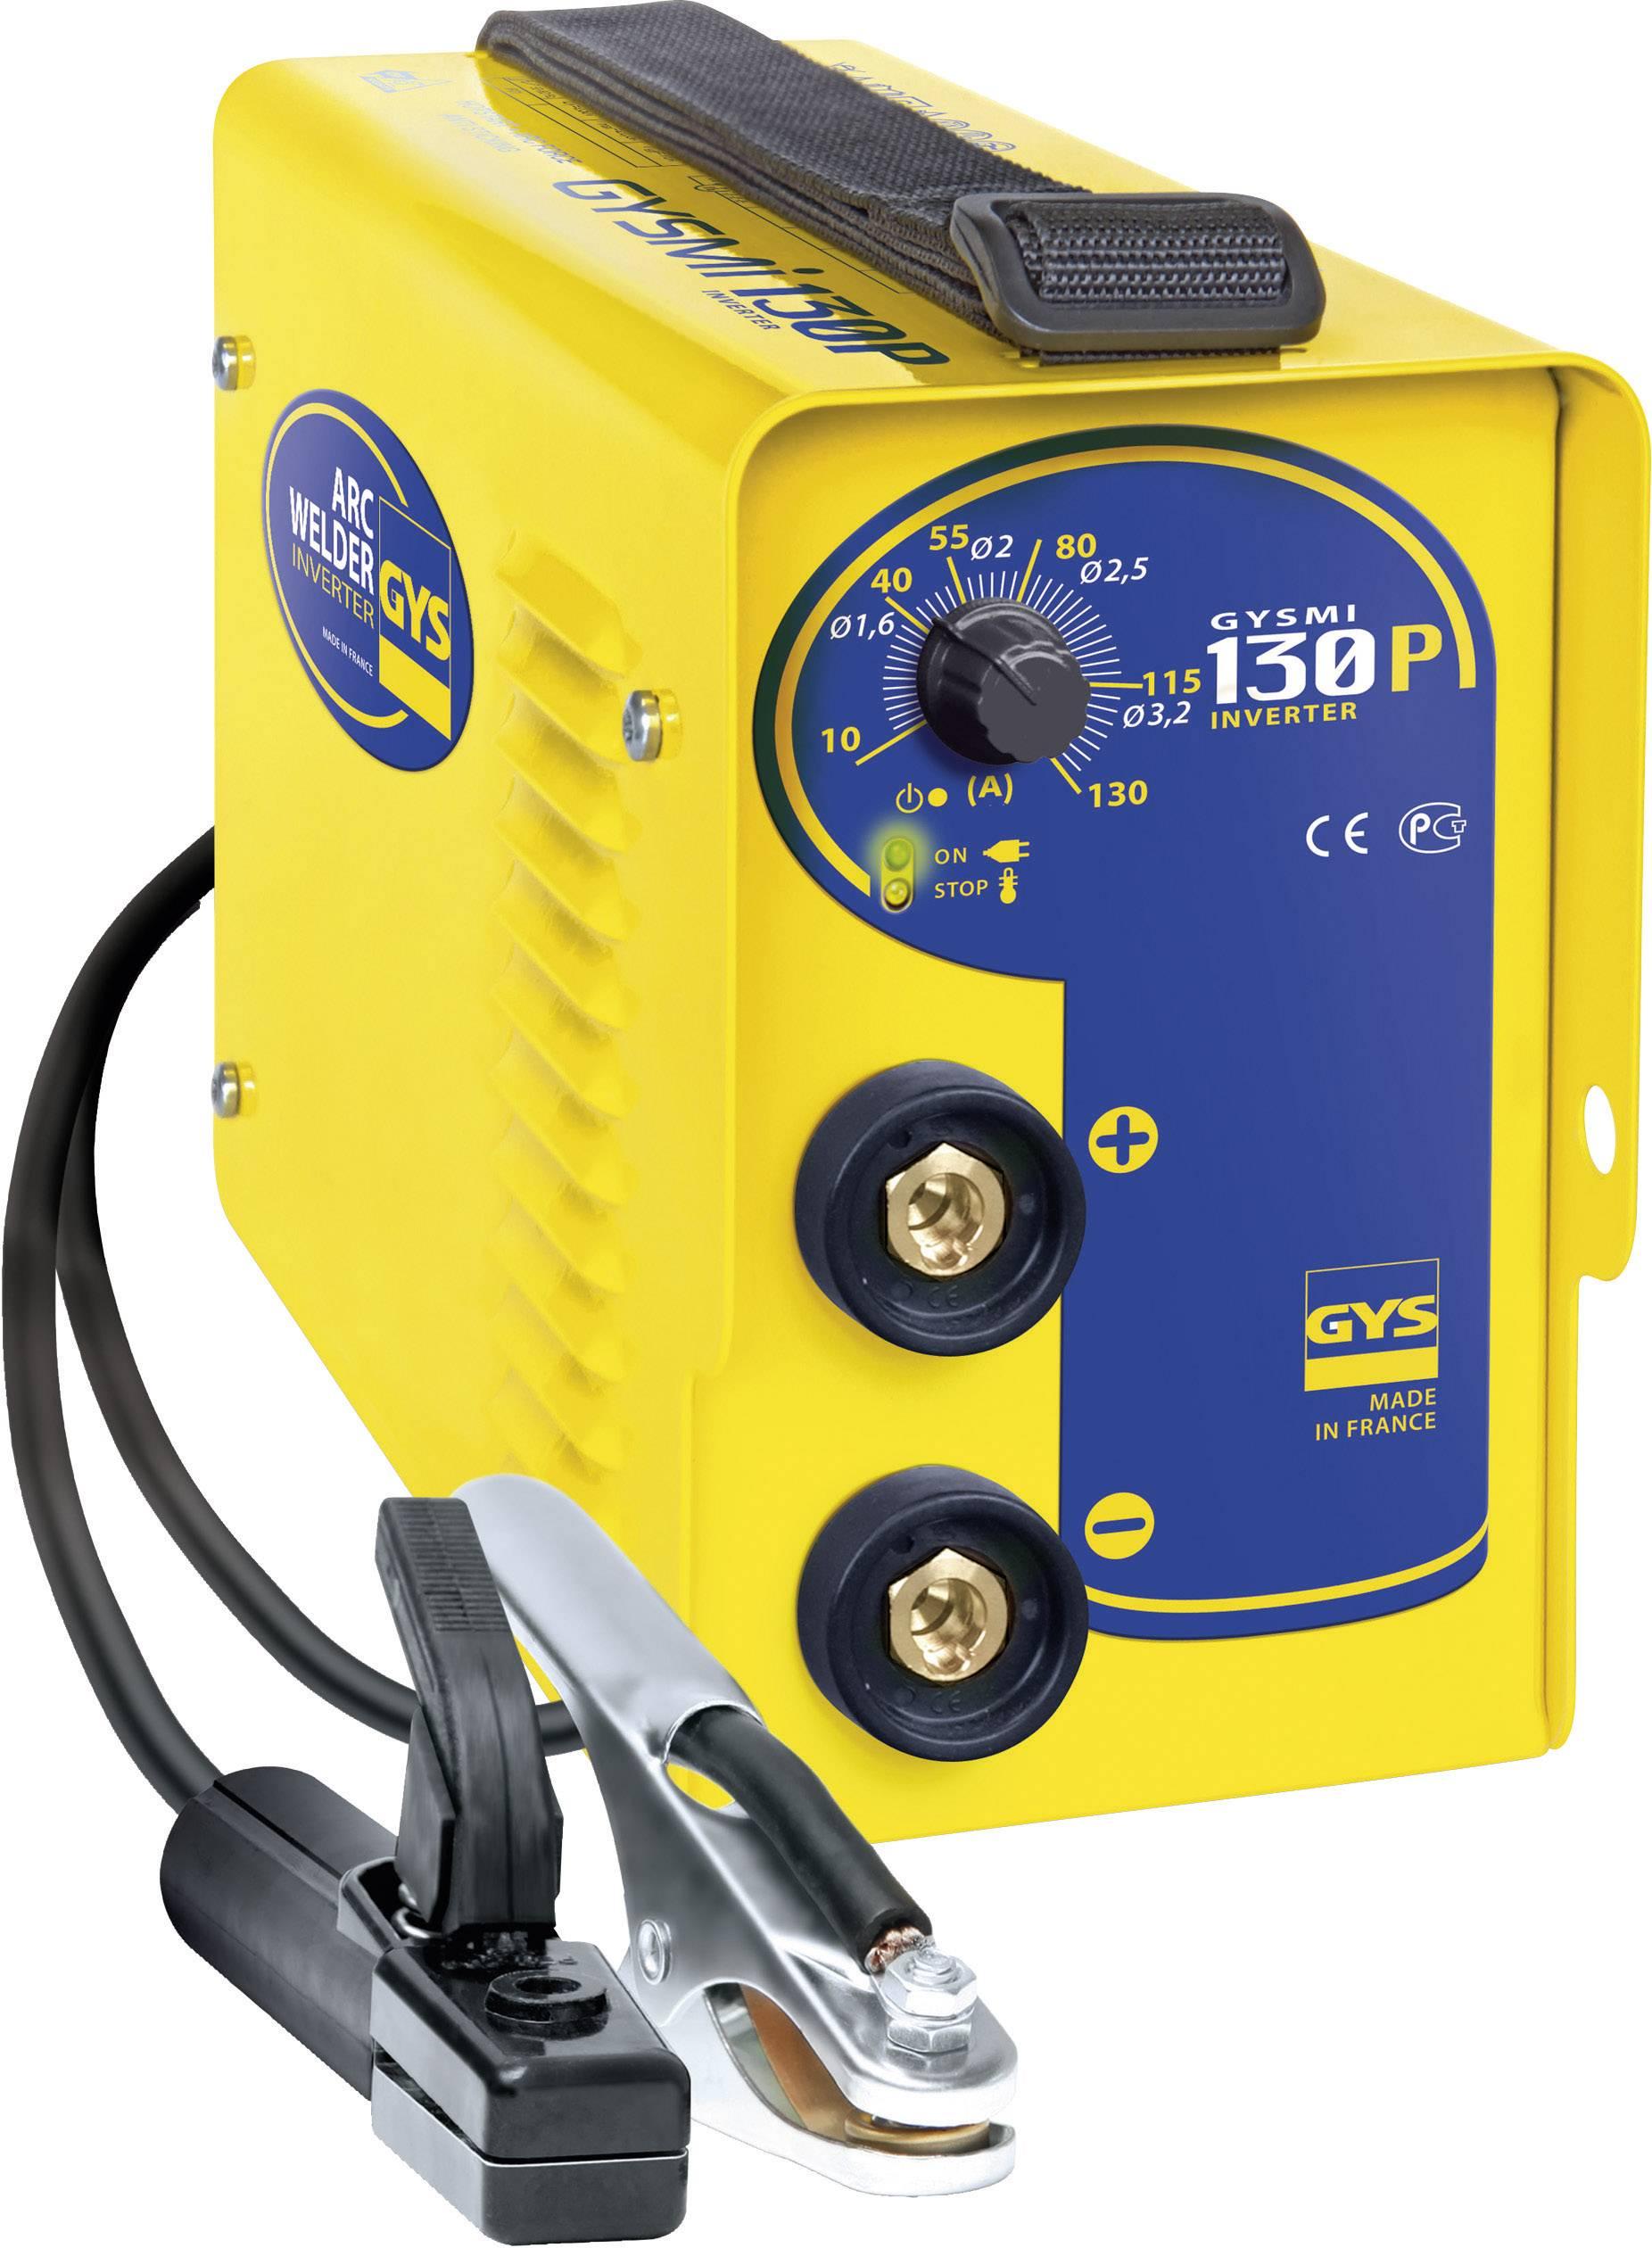 Svářečka GYS GYSMI 130P, 10-130 A